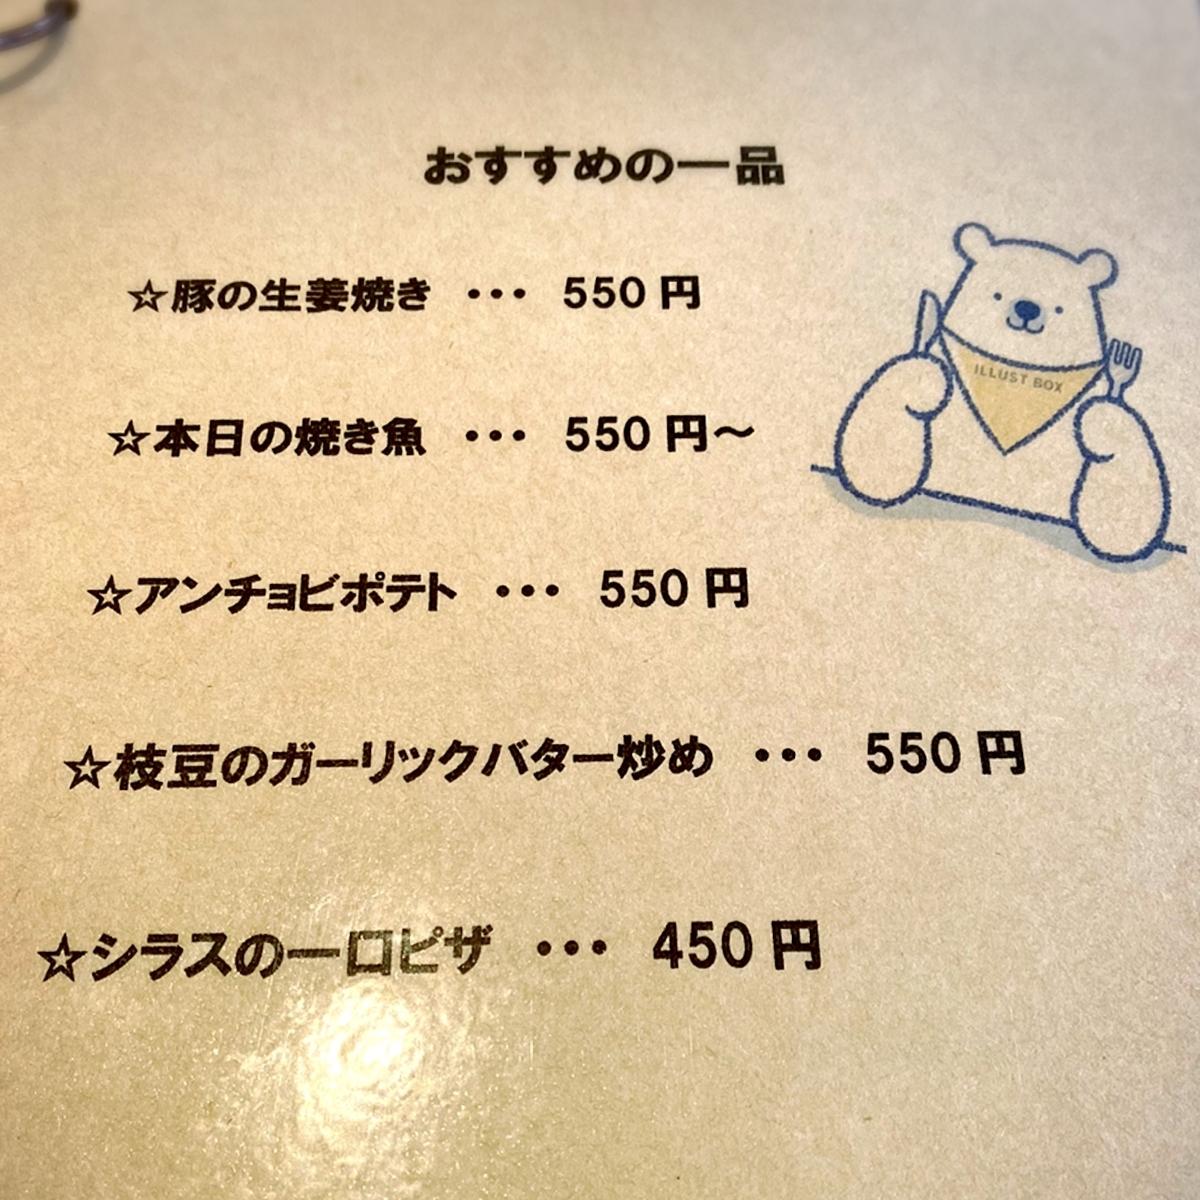 「御菜屋 紅青椒(パプリカ)」のメニューと値段7